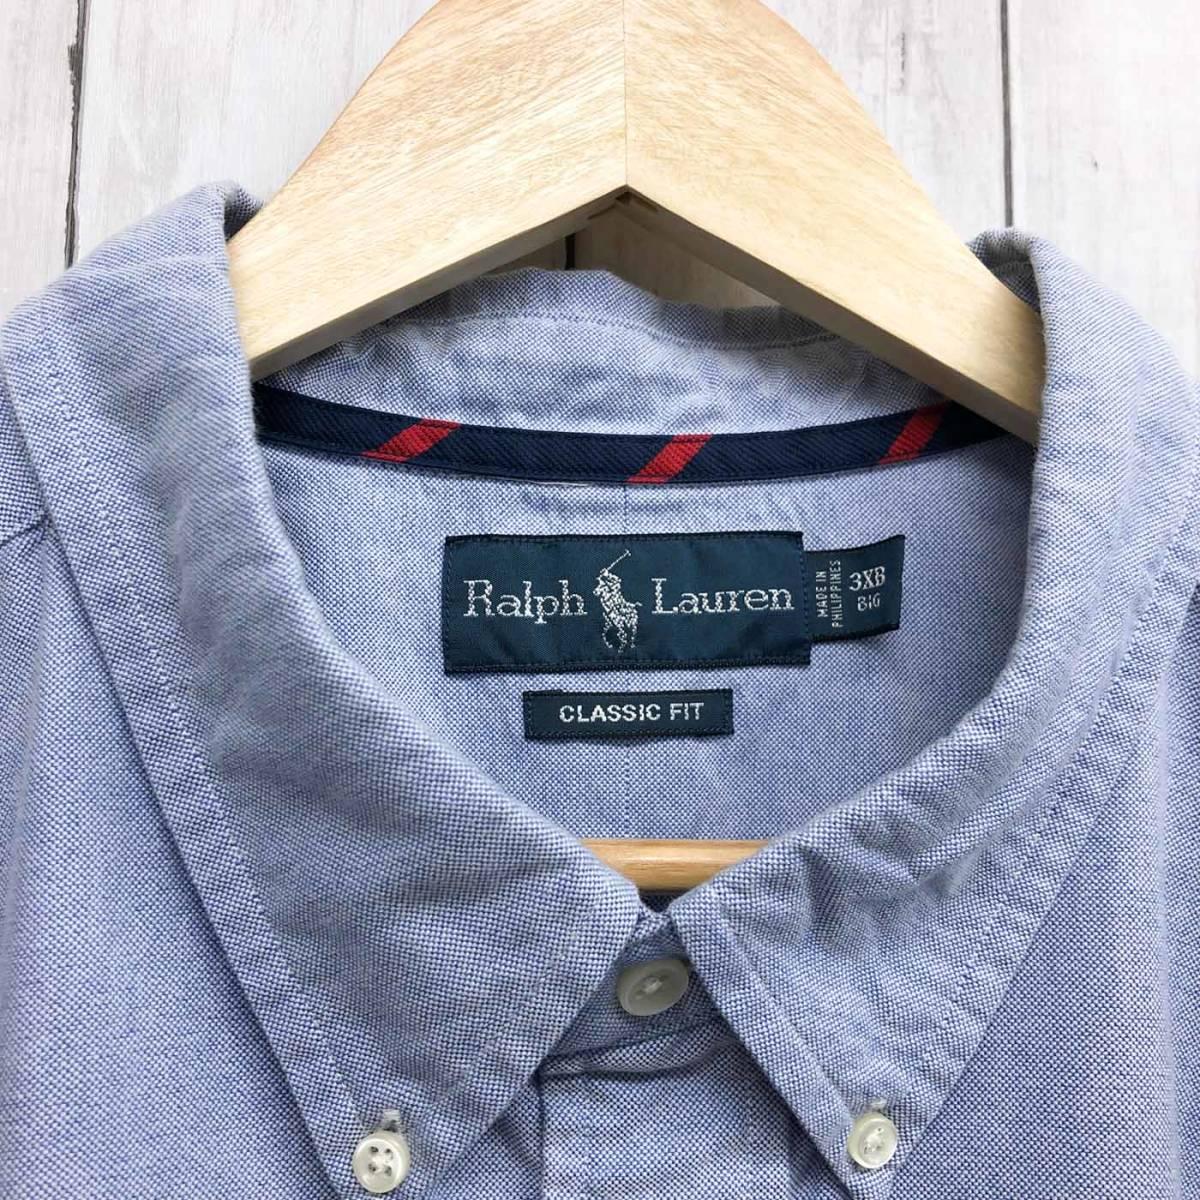 ラルフローレン POLO Ralph Lauren Polo 半袖シャツ メンズ ワンポイント 3XLサイズ 7-167_画像5